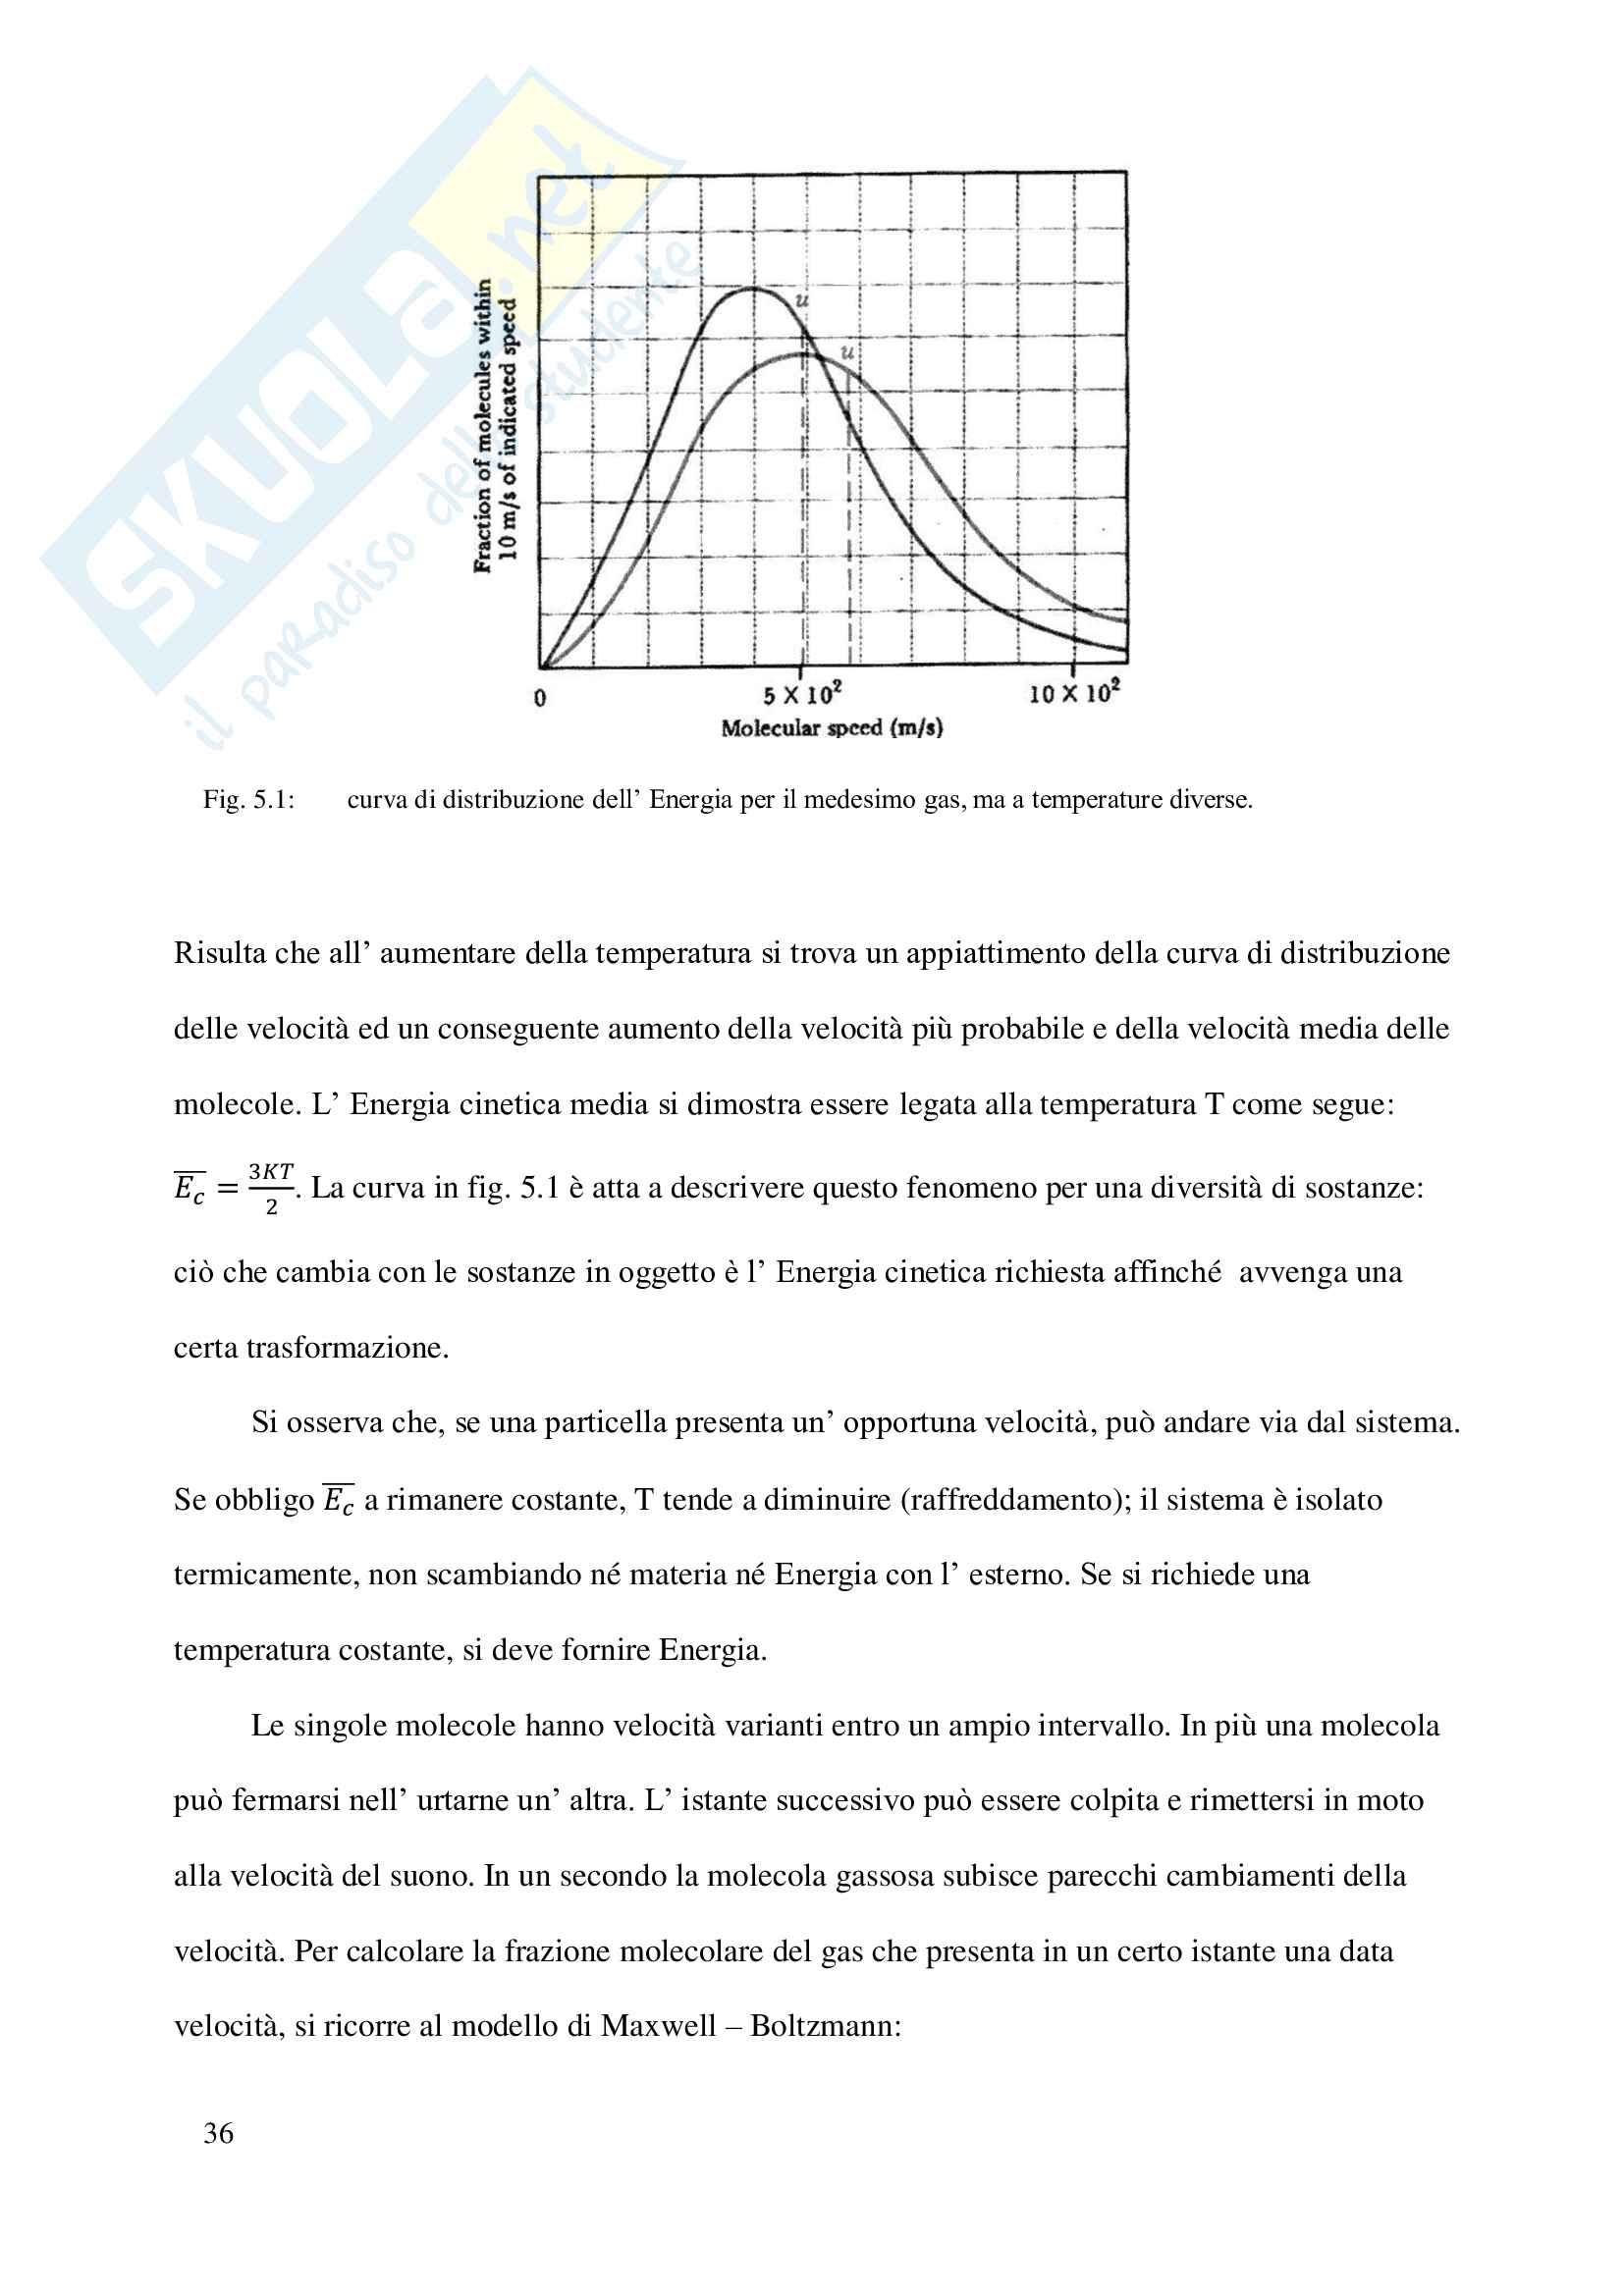 Chimica generale - nozioni e concetti Pag. 36